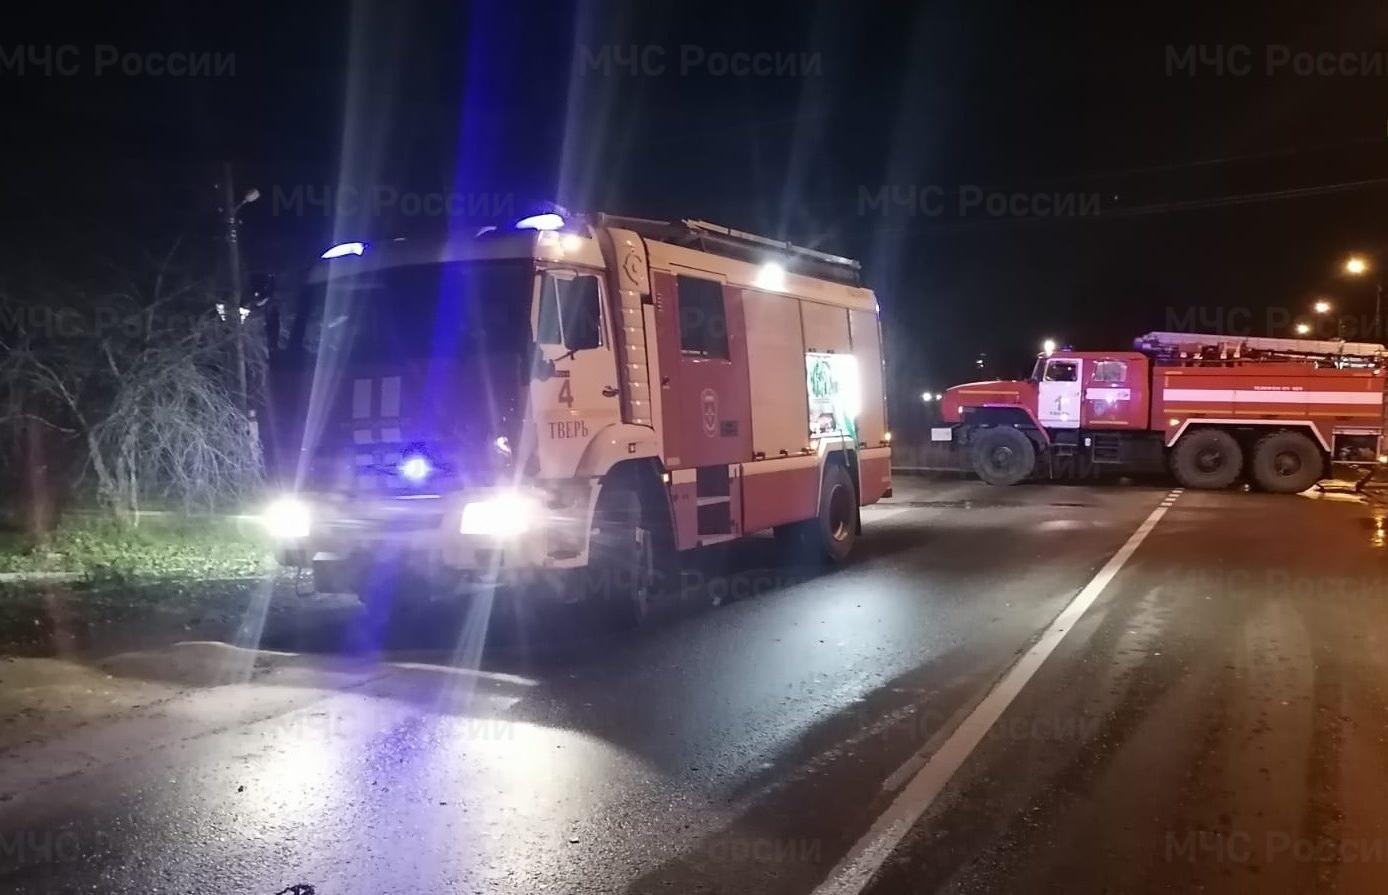 Мужчина и женщина погибли на ночном пожаре в Твери - новости Афанасий